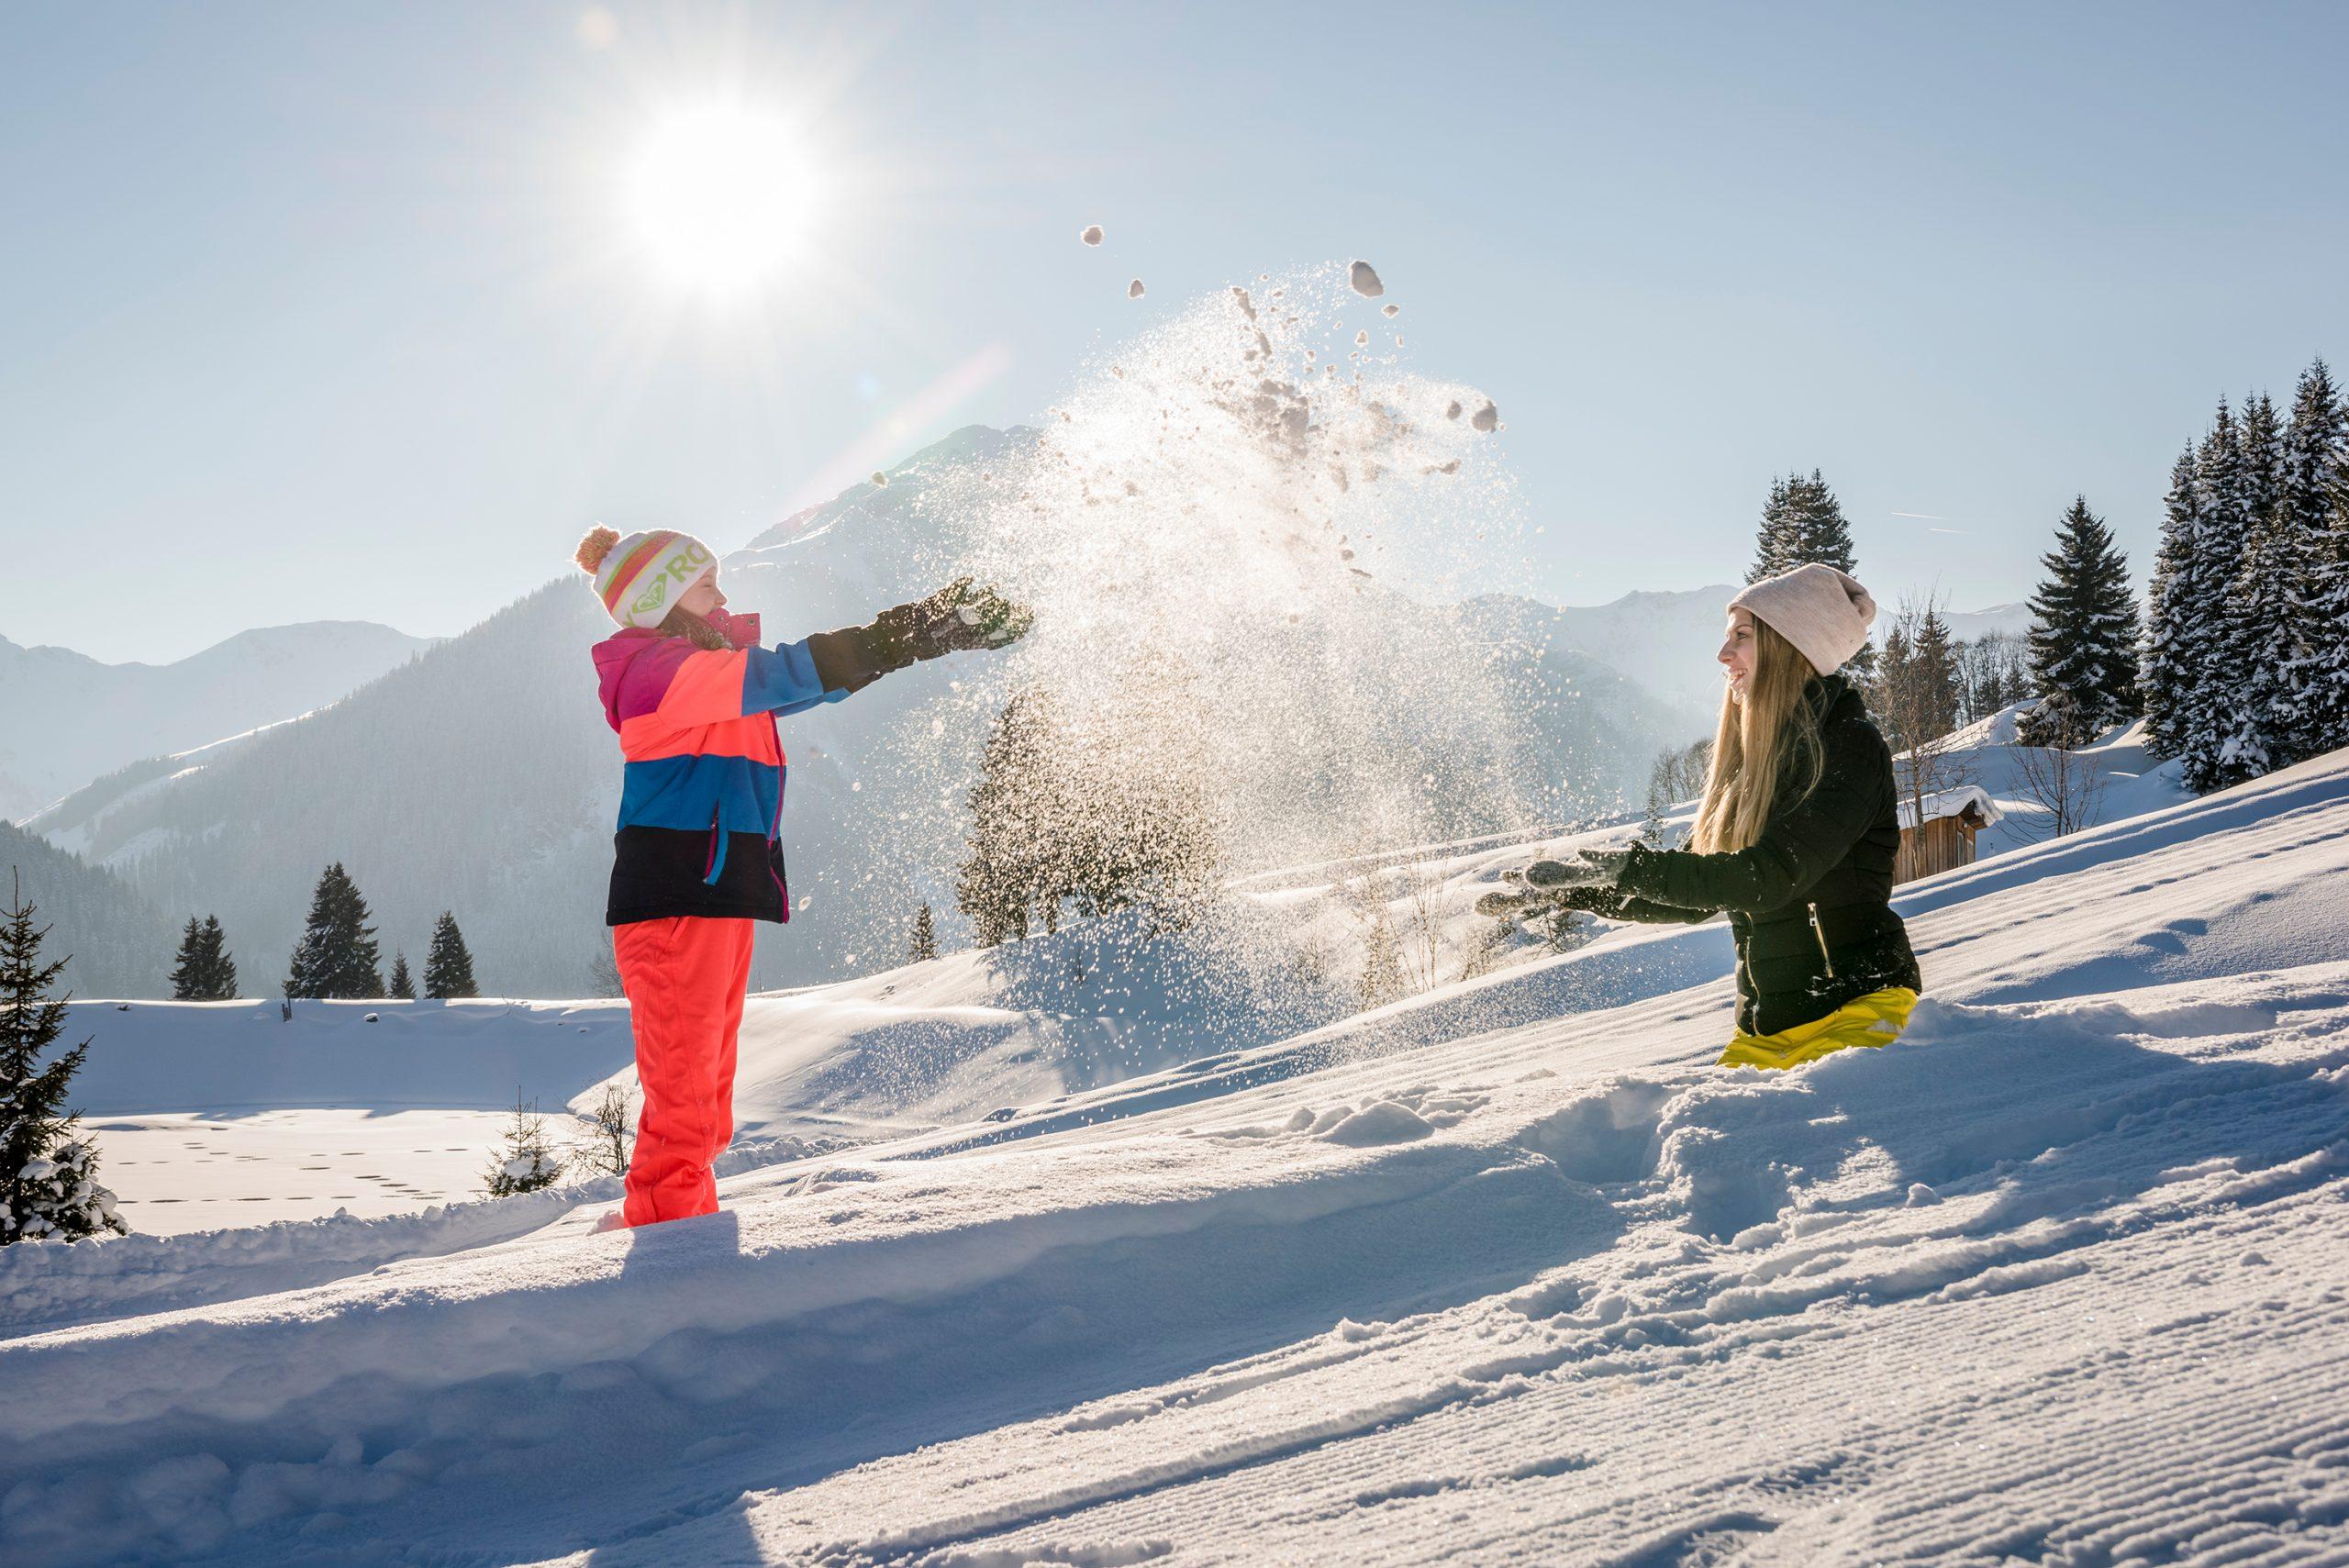 Familienurlaub im Winter in Saalbach-Hinterglemm